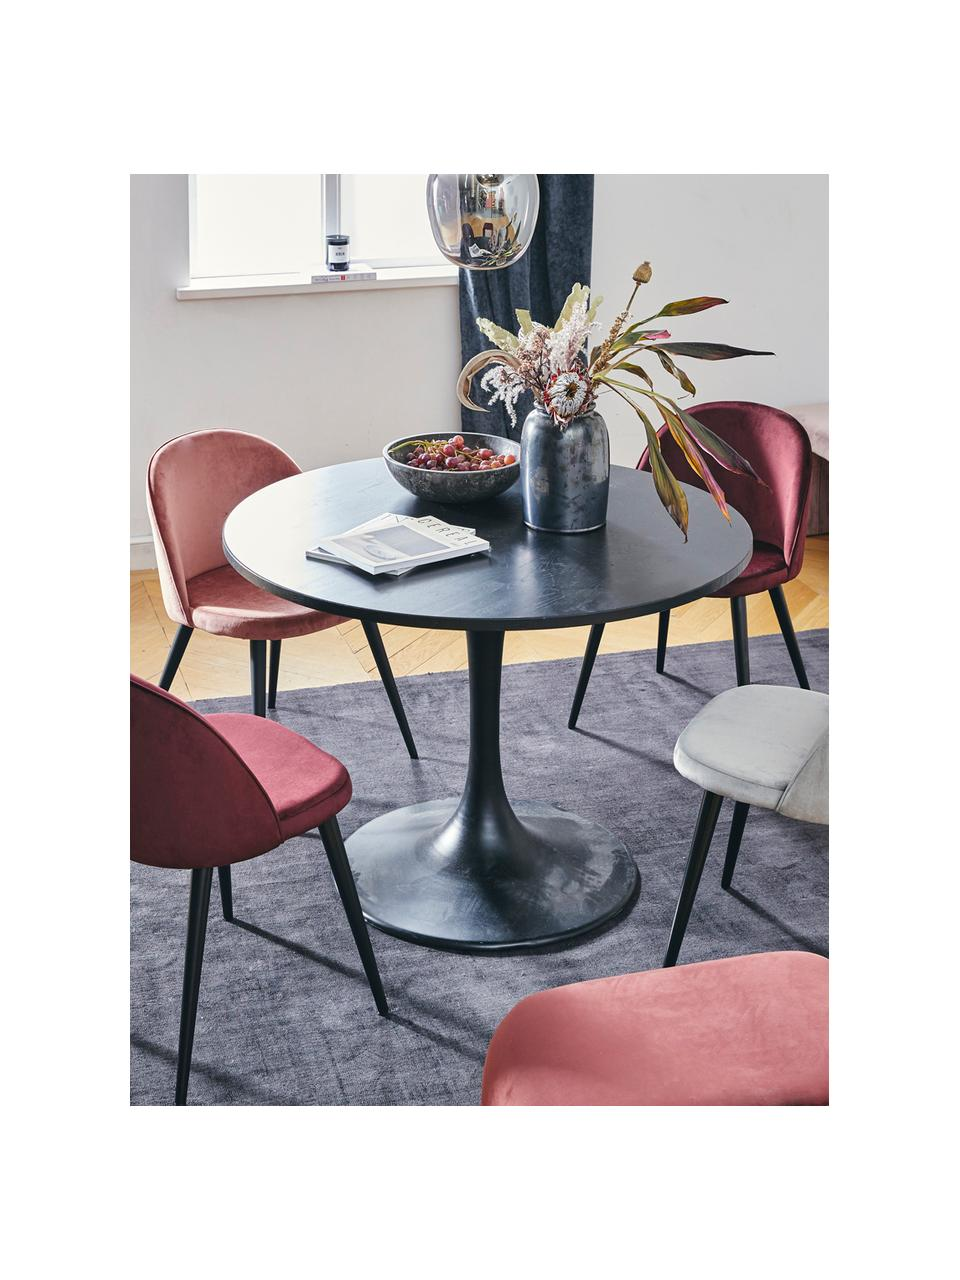 Moderne fluwelen stoelen Amy, 2 stuks, Bekleding: fluweel (polyester), Poten: gepoedercoat metaal, Roze, B 51 x D 55 cm